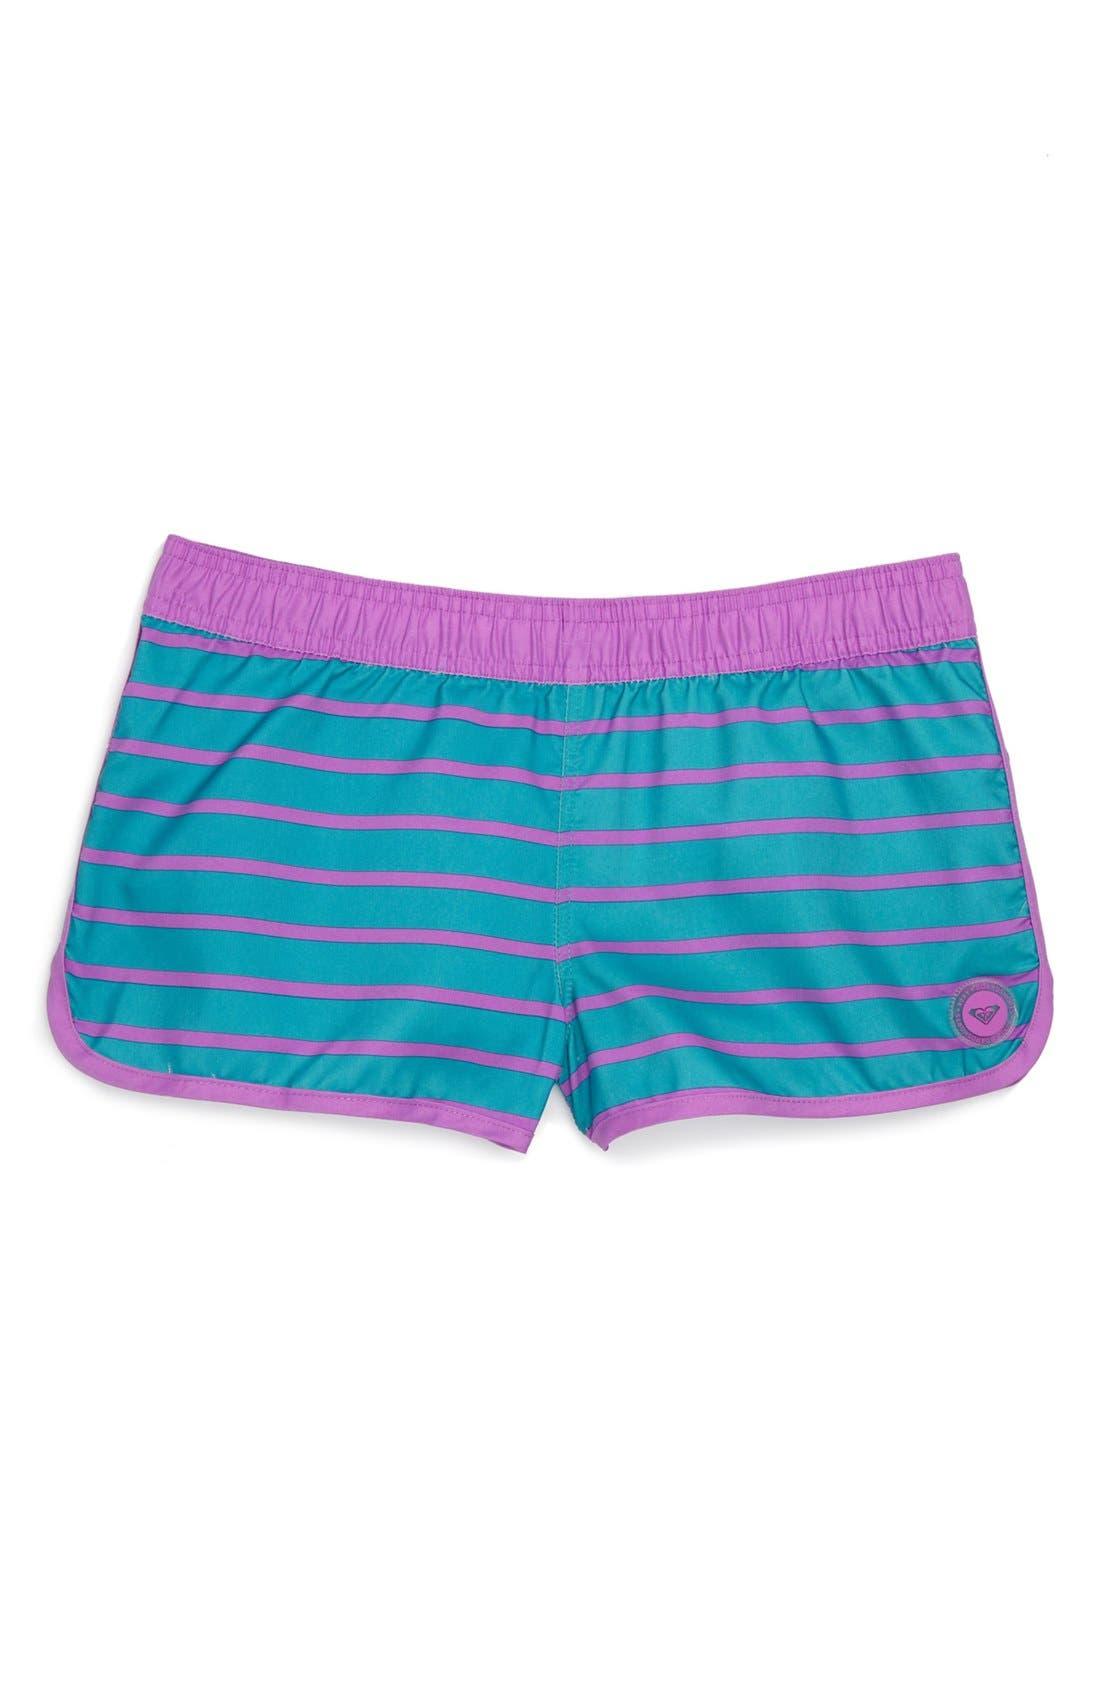 Main Image - Roxy 'Tropic Sun' Board Shorts (Big Girls)